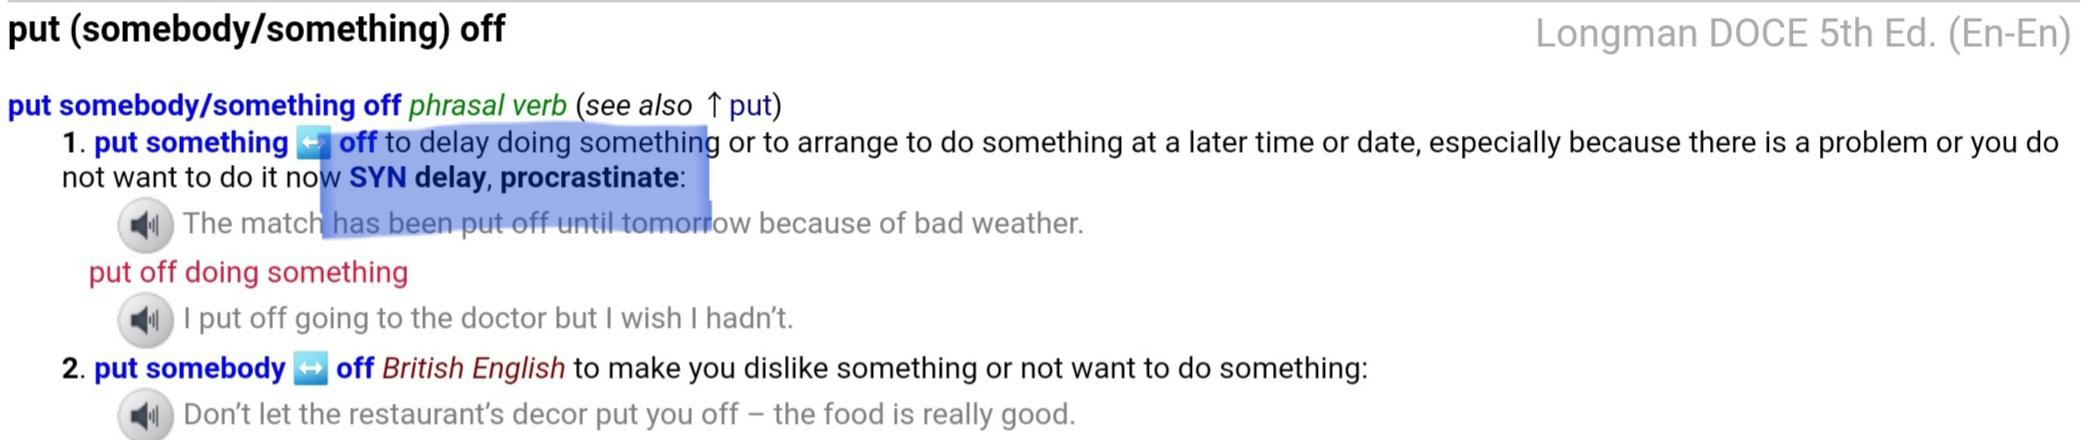 Пример работ со словарем